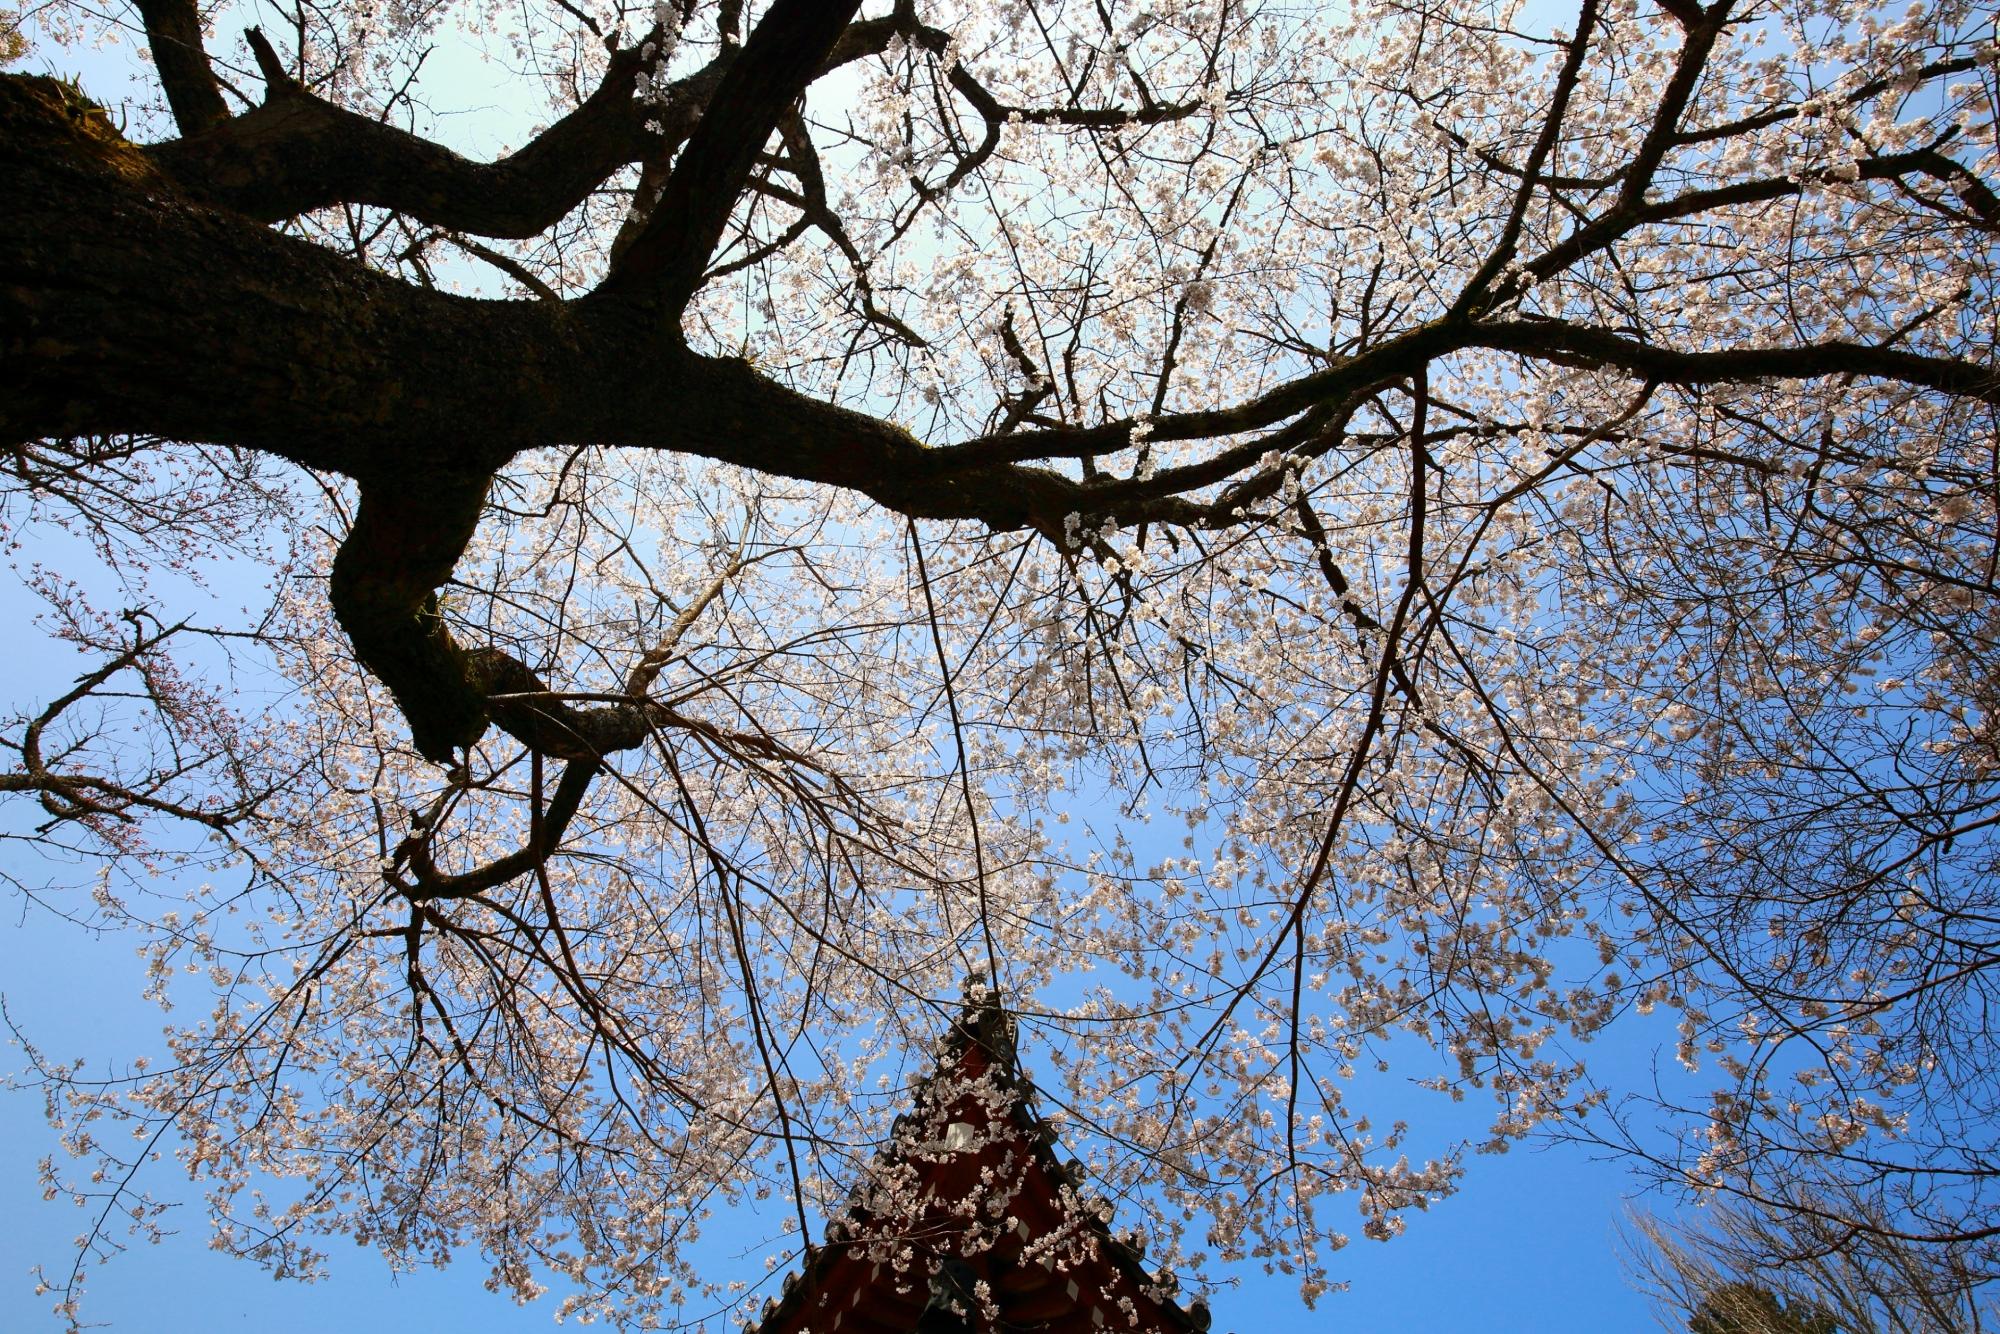 青空と観音堂を煌びやかに彩る見事な桜